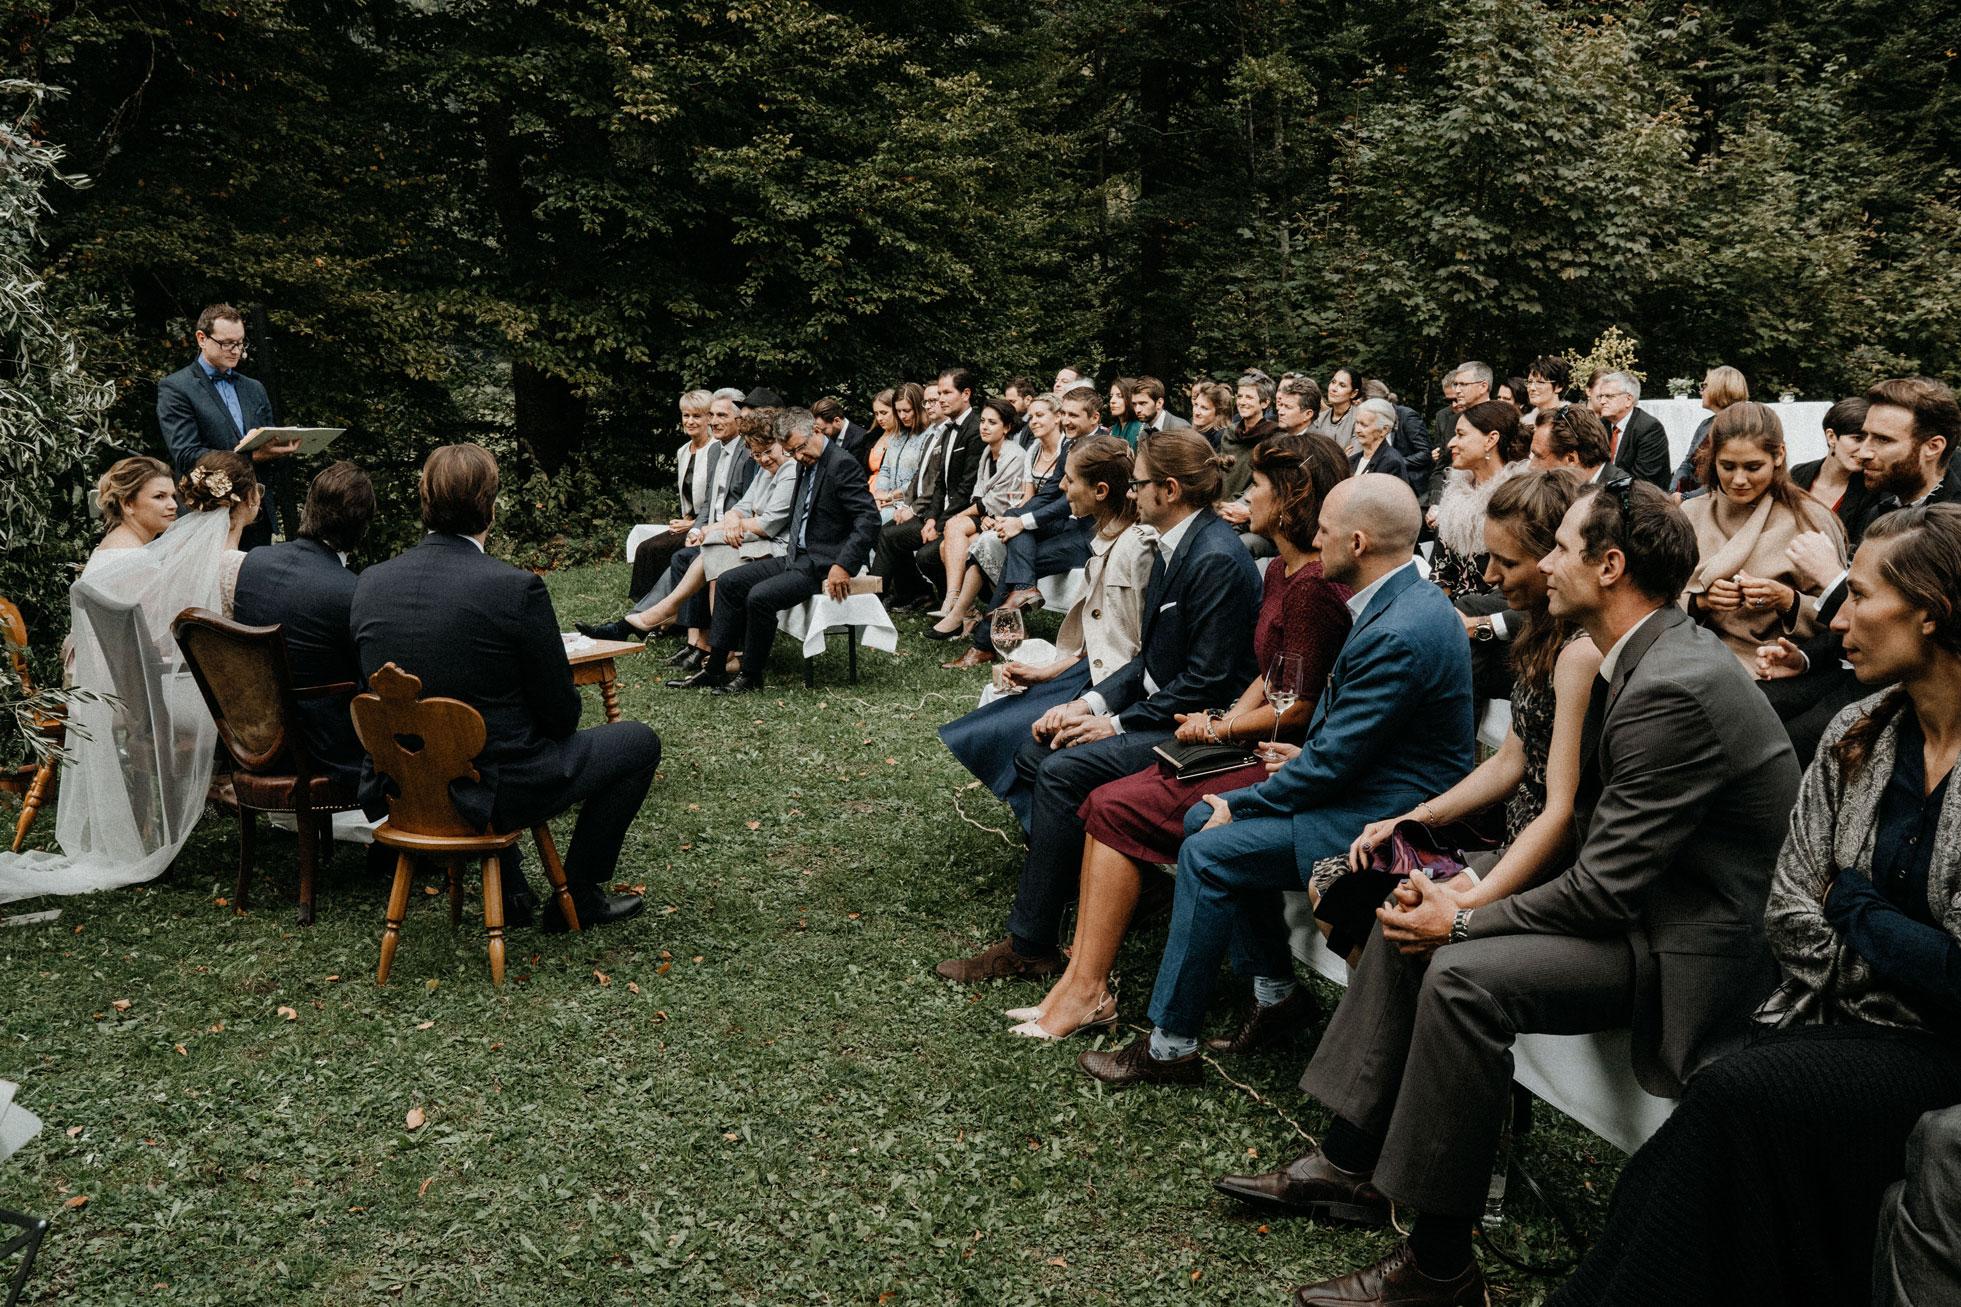 Hochzeit_Claire_Manuel_Villa_Maund_Daniel_Jenny-125.jpg